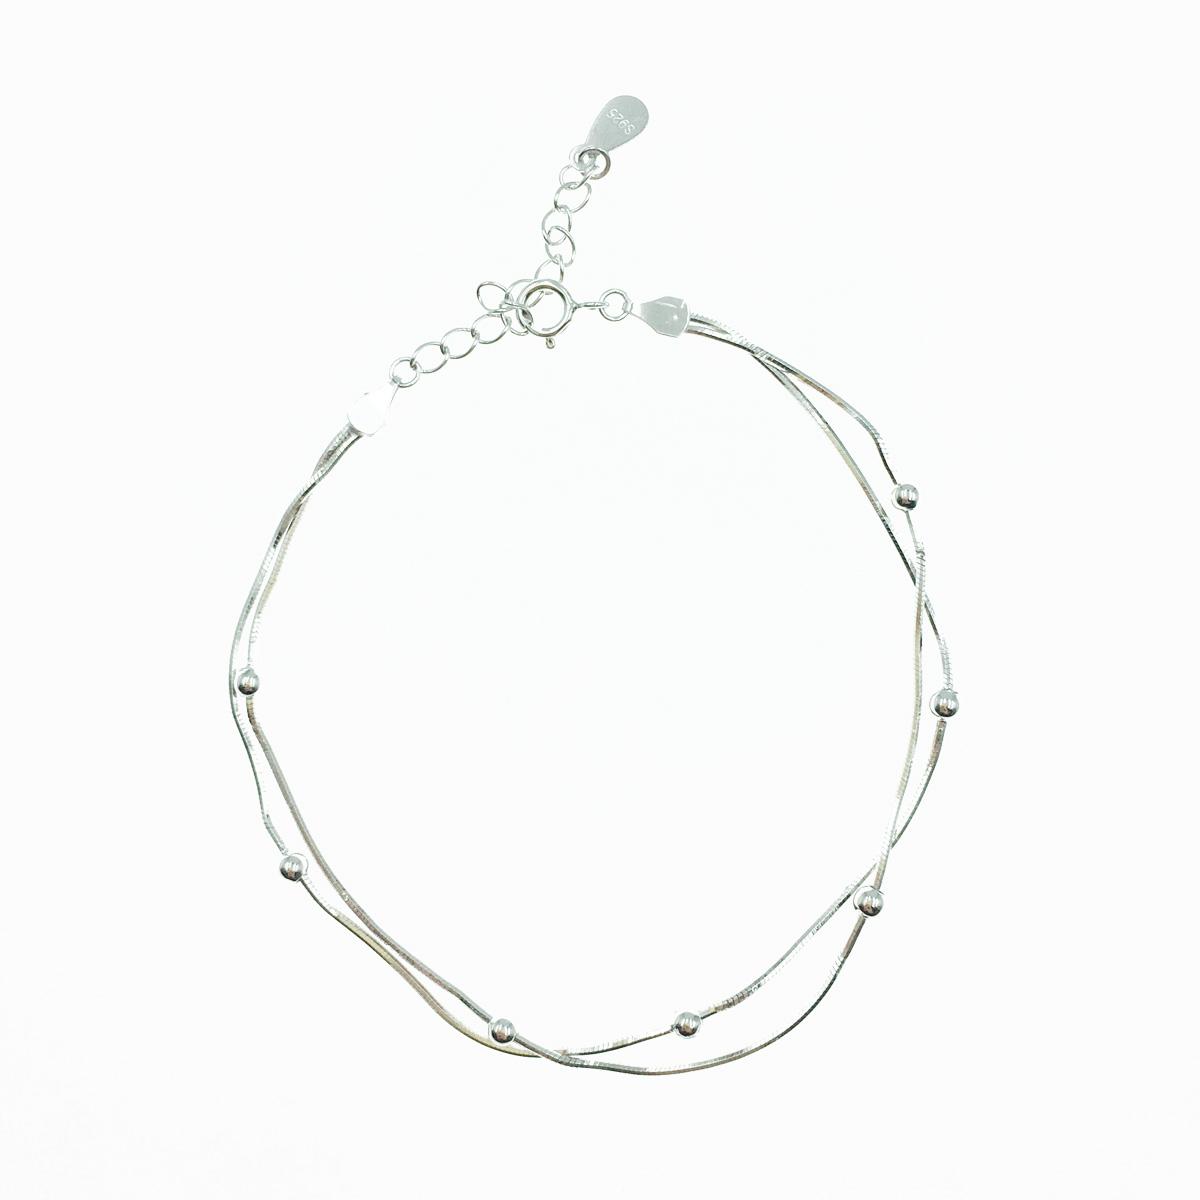 韓國 925純銀 金屬小銀珠 雙層 簡約百搭 手飾 手鍊